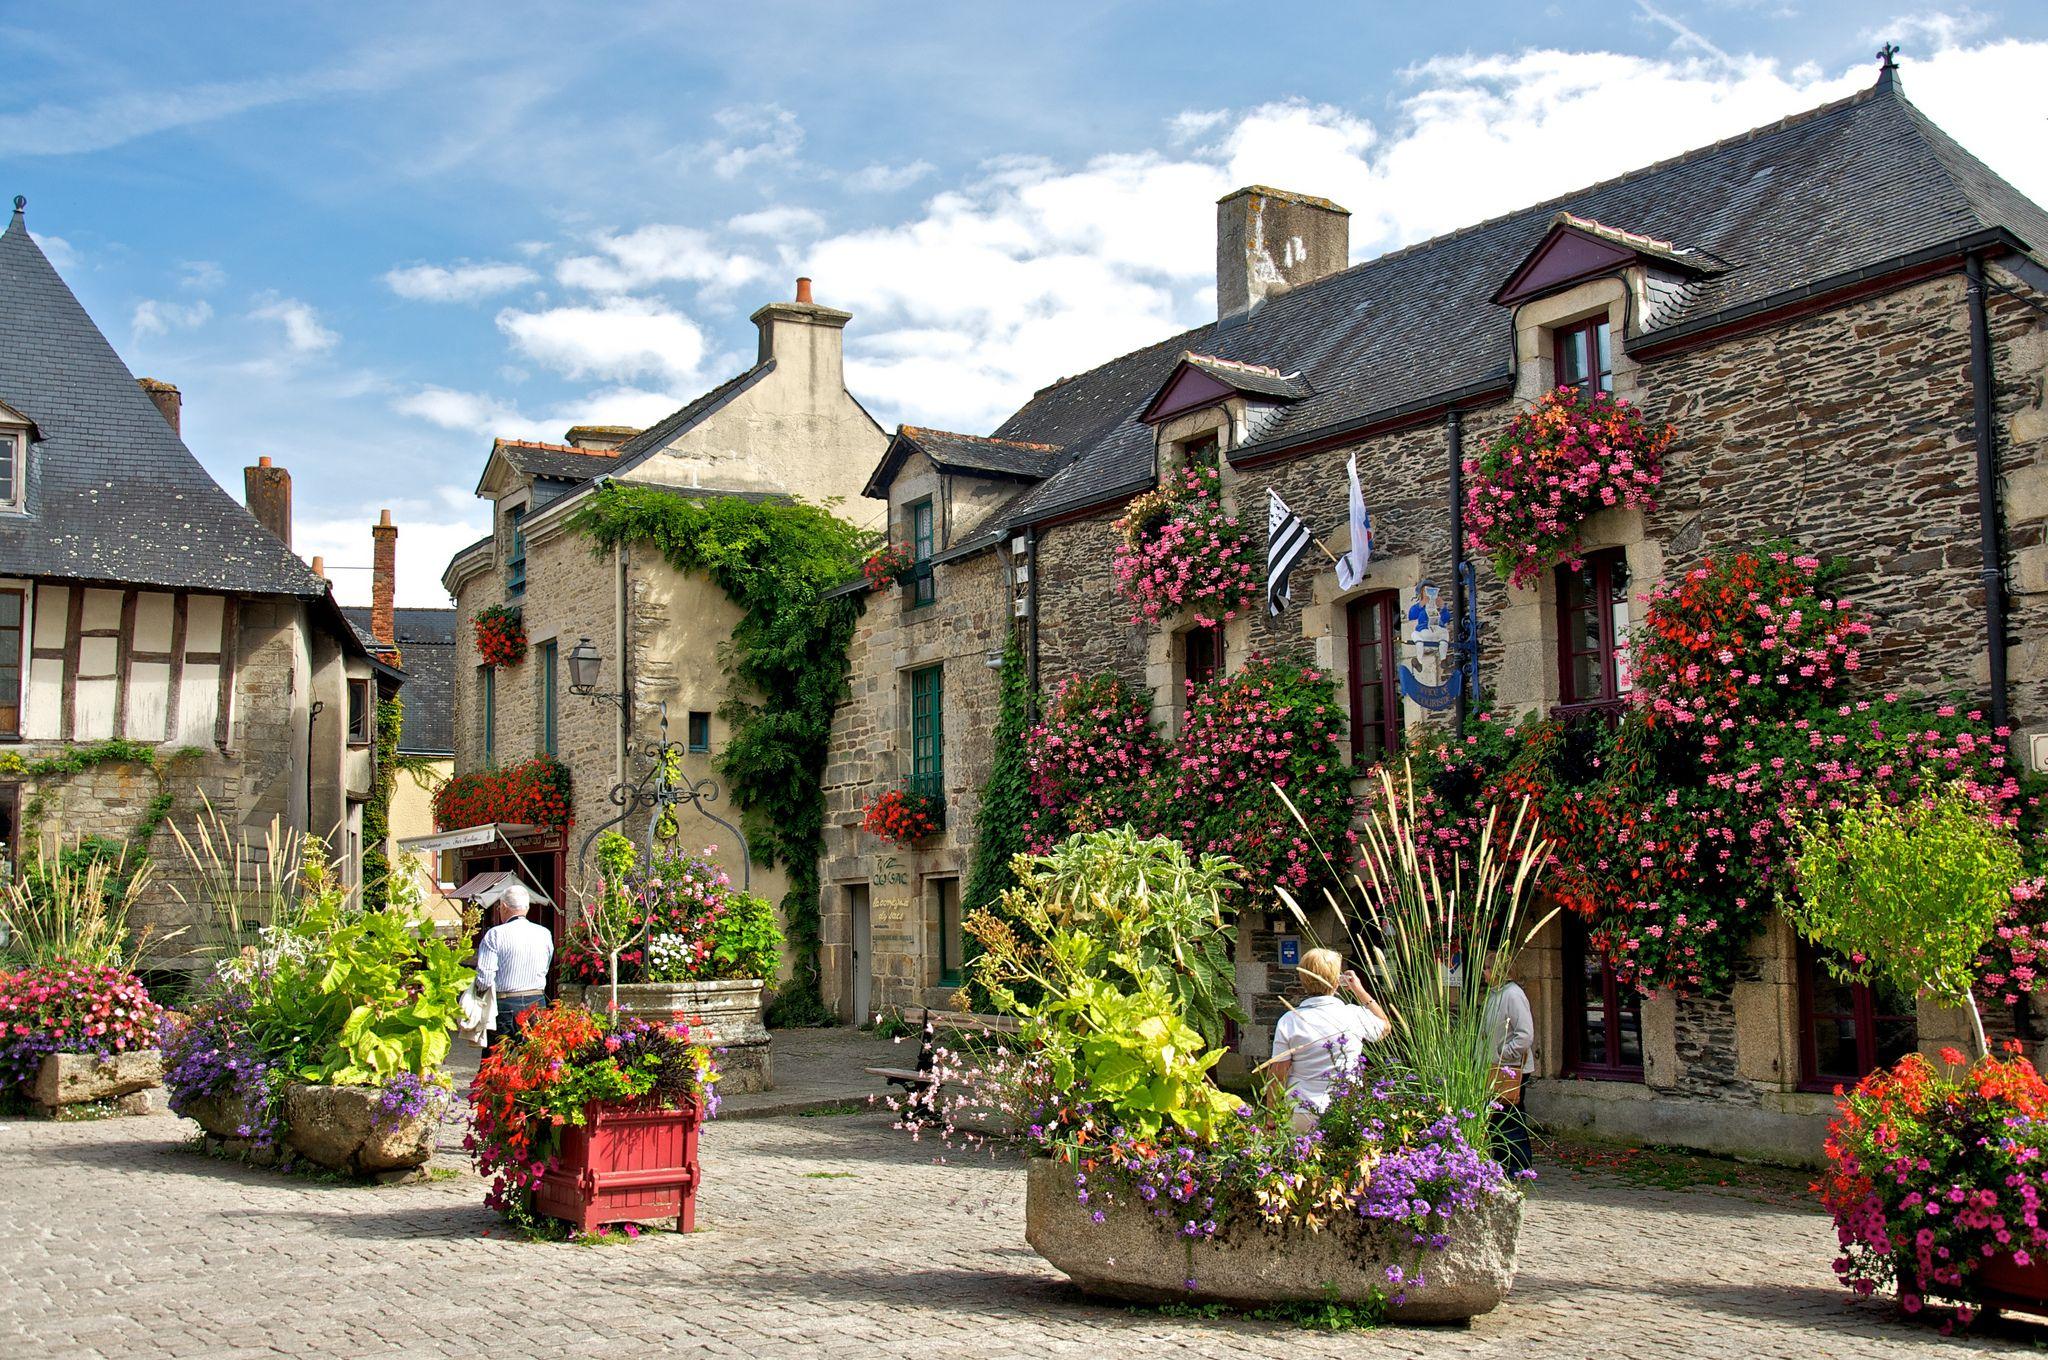 Rochefort-en-Terre   by David Tamargo